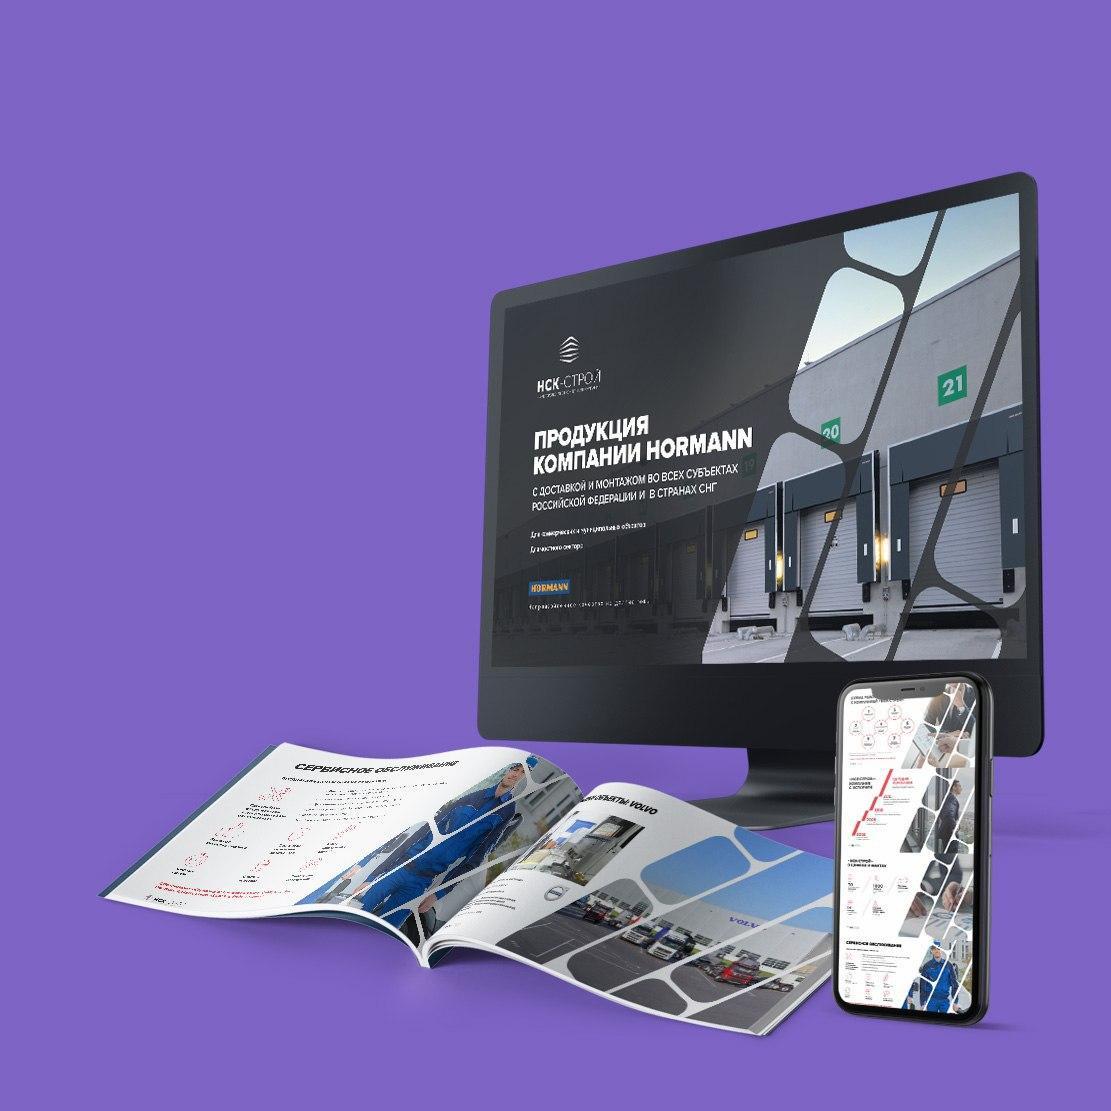 Презентация для поставщика строительного оборудования Hormann